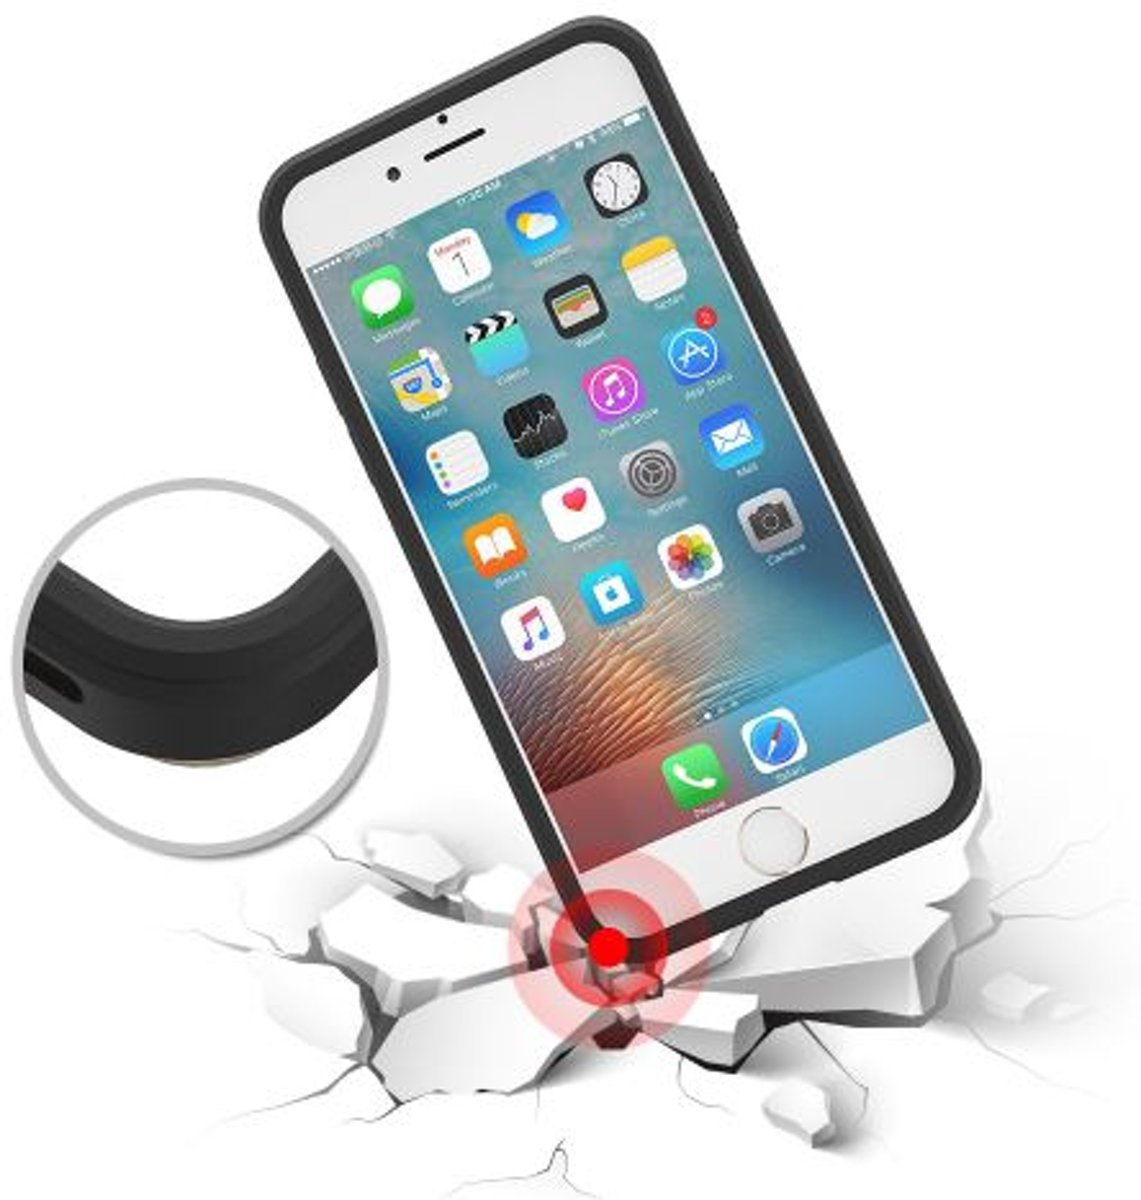 ace4423d97f bol.com   iPhone 5 5s SE hybrid case hoesje met ruimte voor 2 pasjes -  zilver